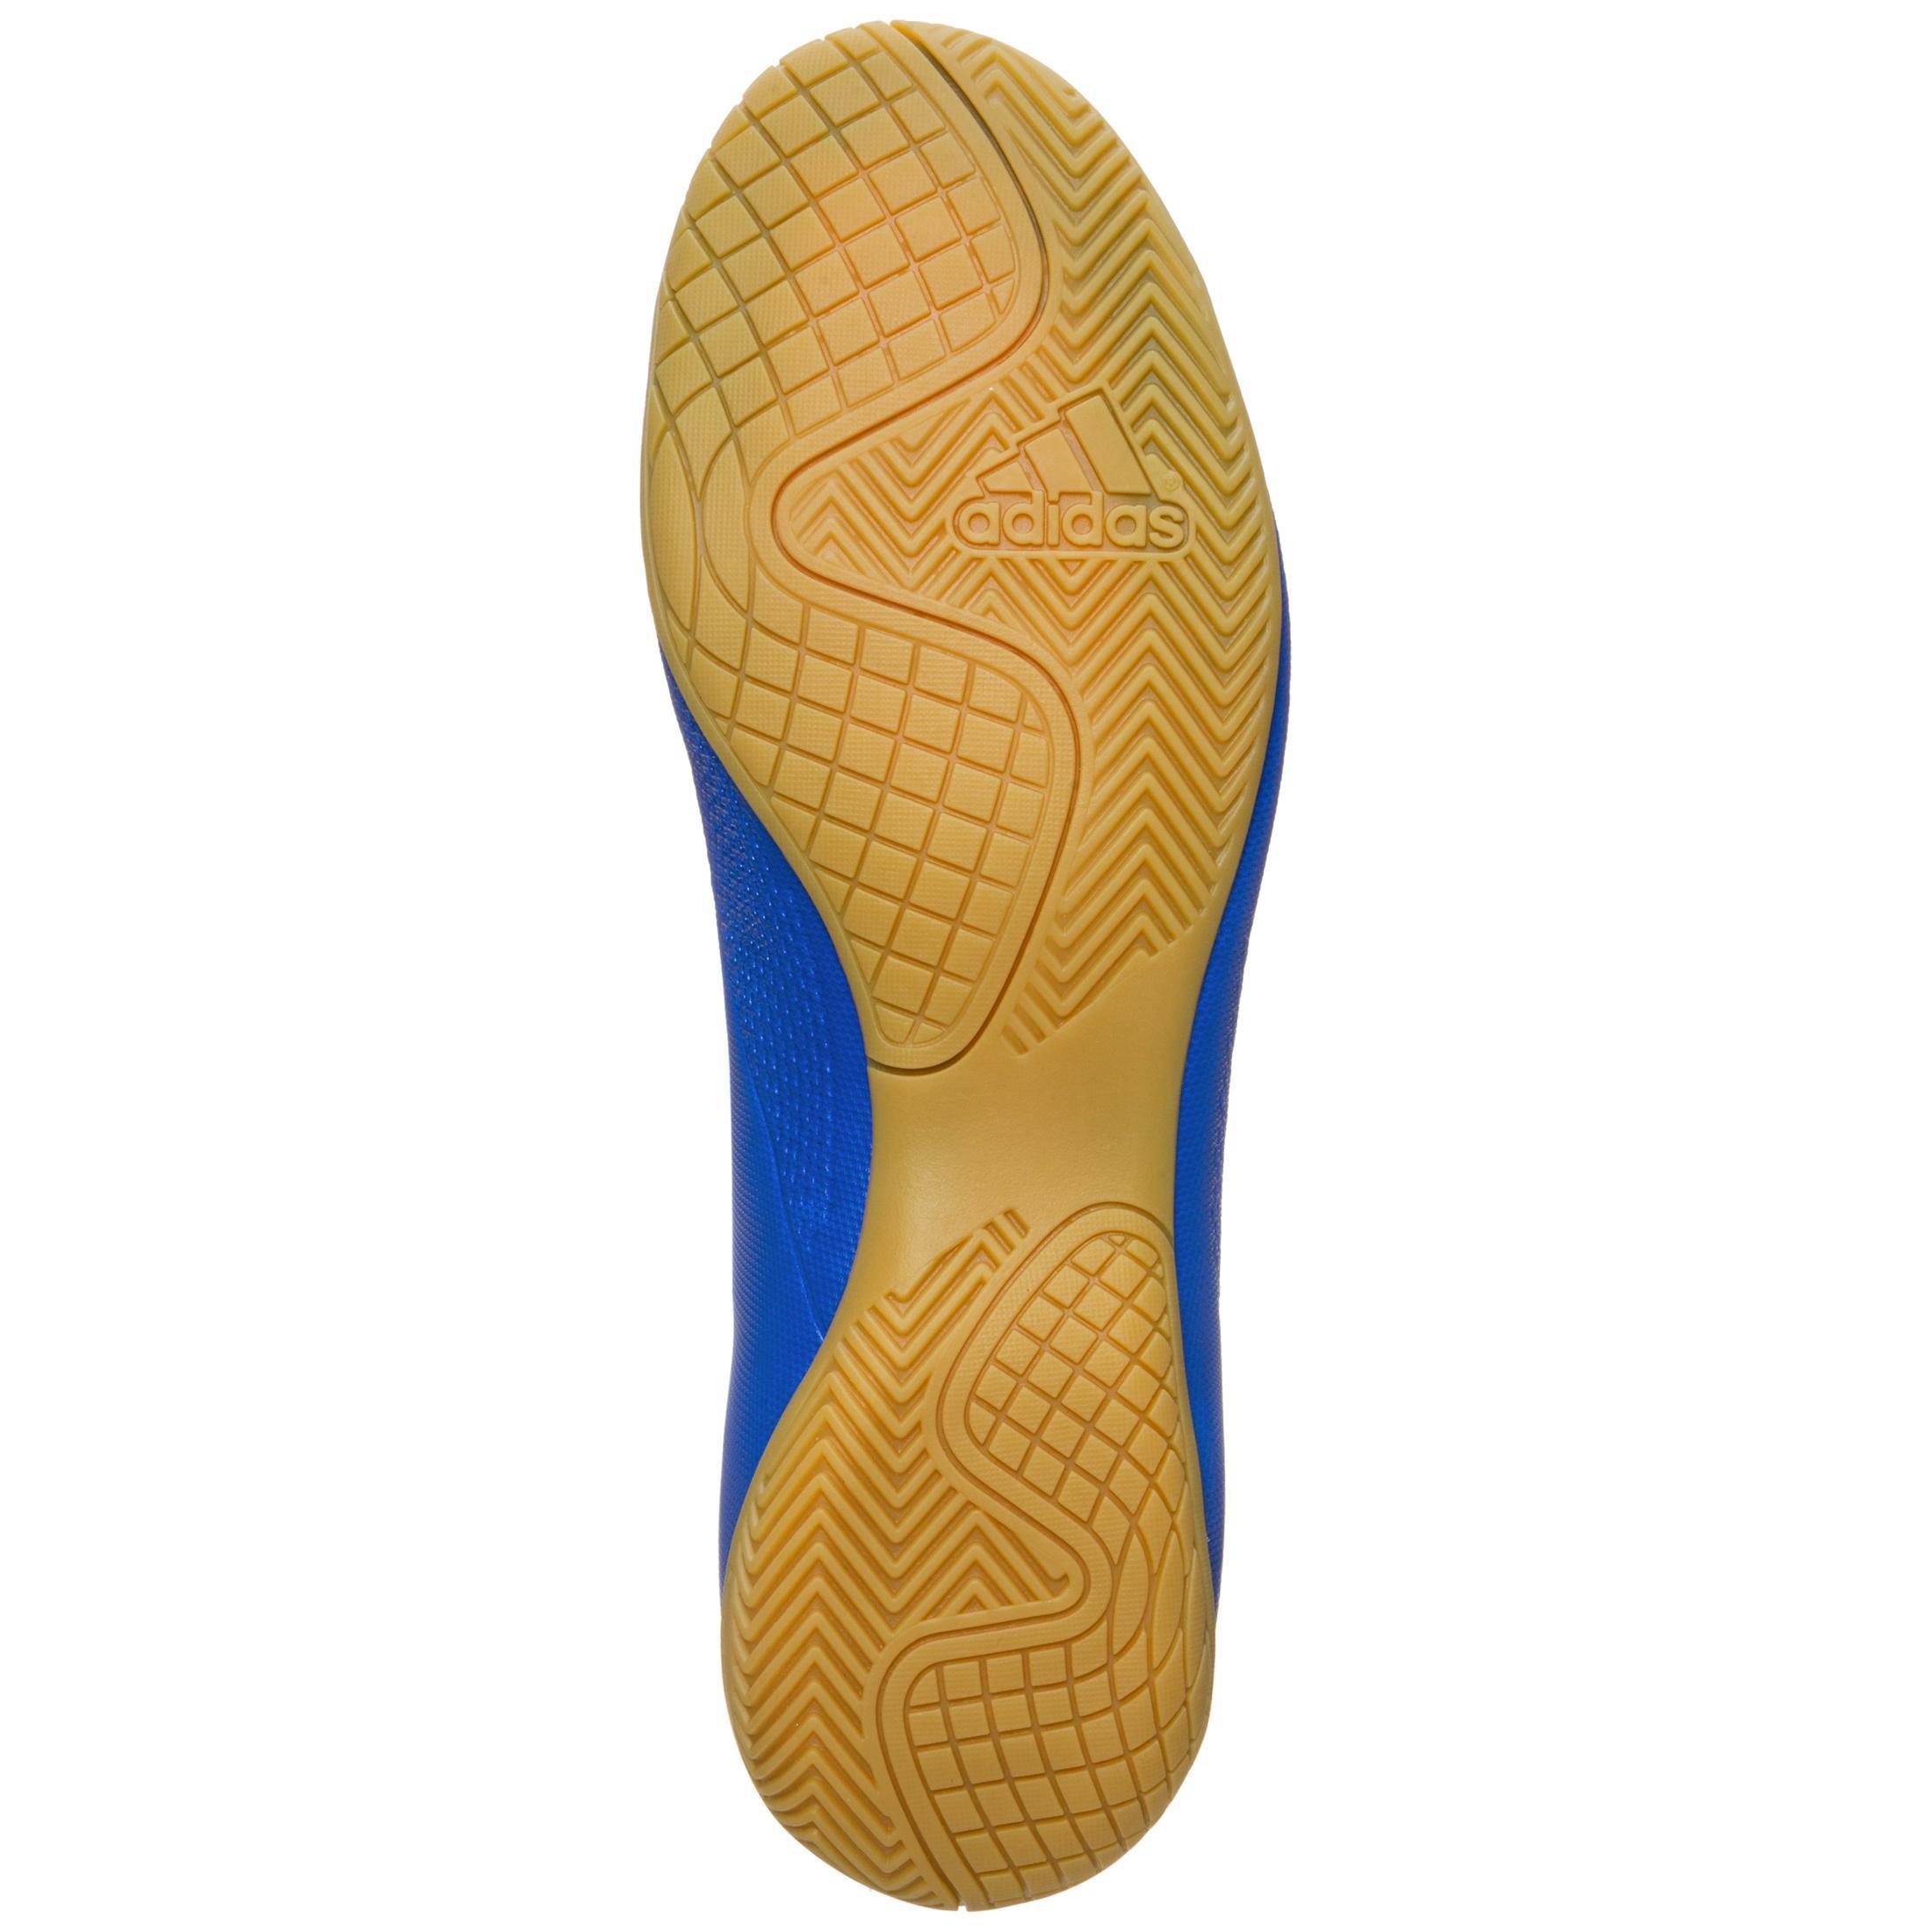 Adidas X X X Tango 18.4 Fußballschuhe Herren blau / neongelb im Online Shop von SportScheck kaufen Gute Qualität beliebte Schuhe d38a13